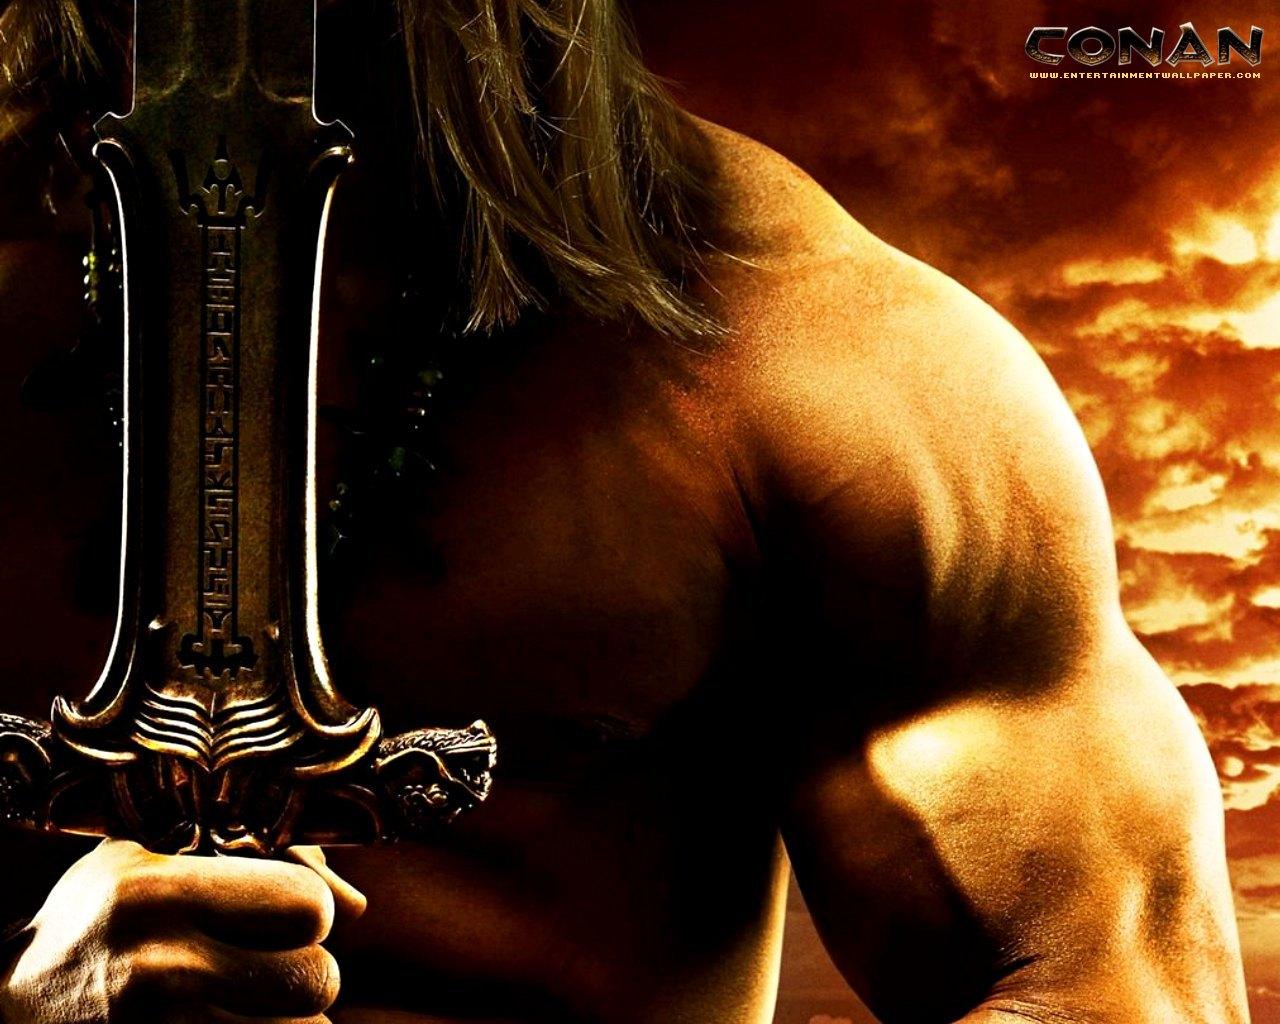 Conan the Barbarian   Conan The Barbarian 2011 Wallpaper 27423032 1280x1024